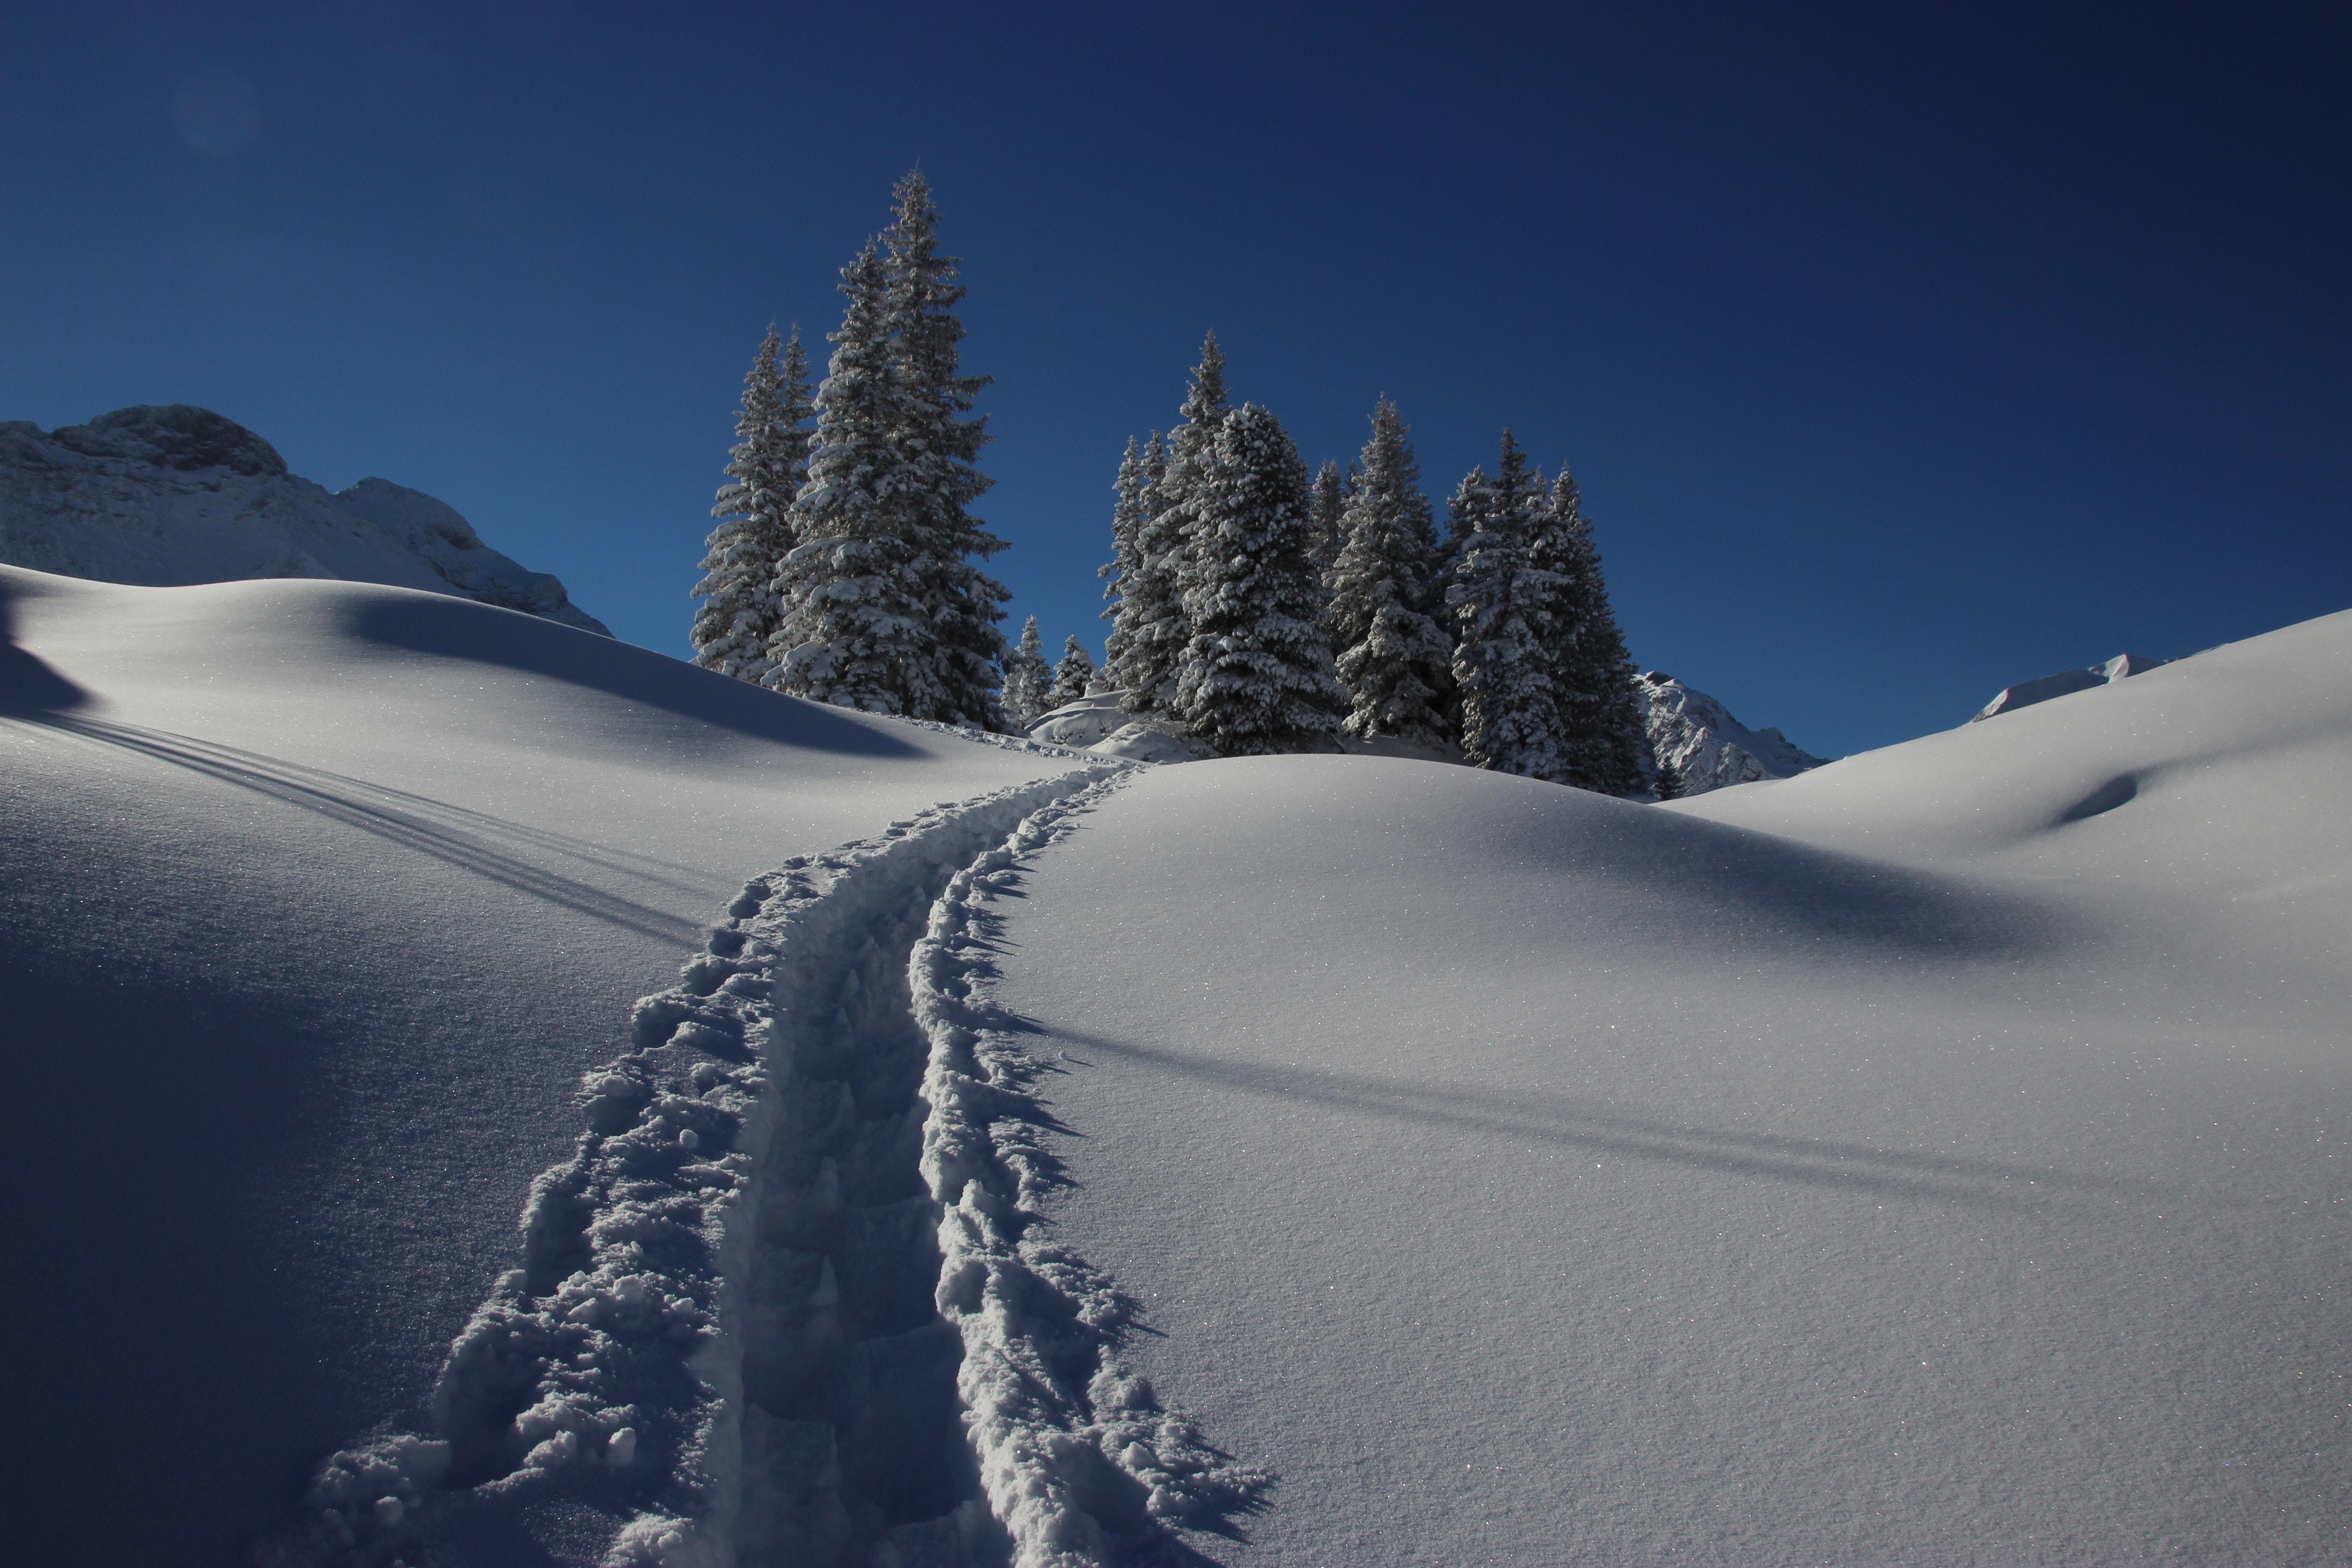 Schneeschuhwanderung/caspolata